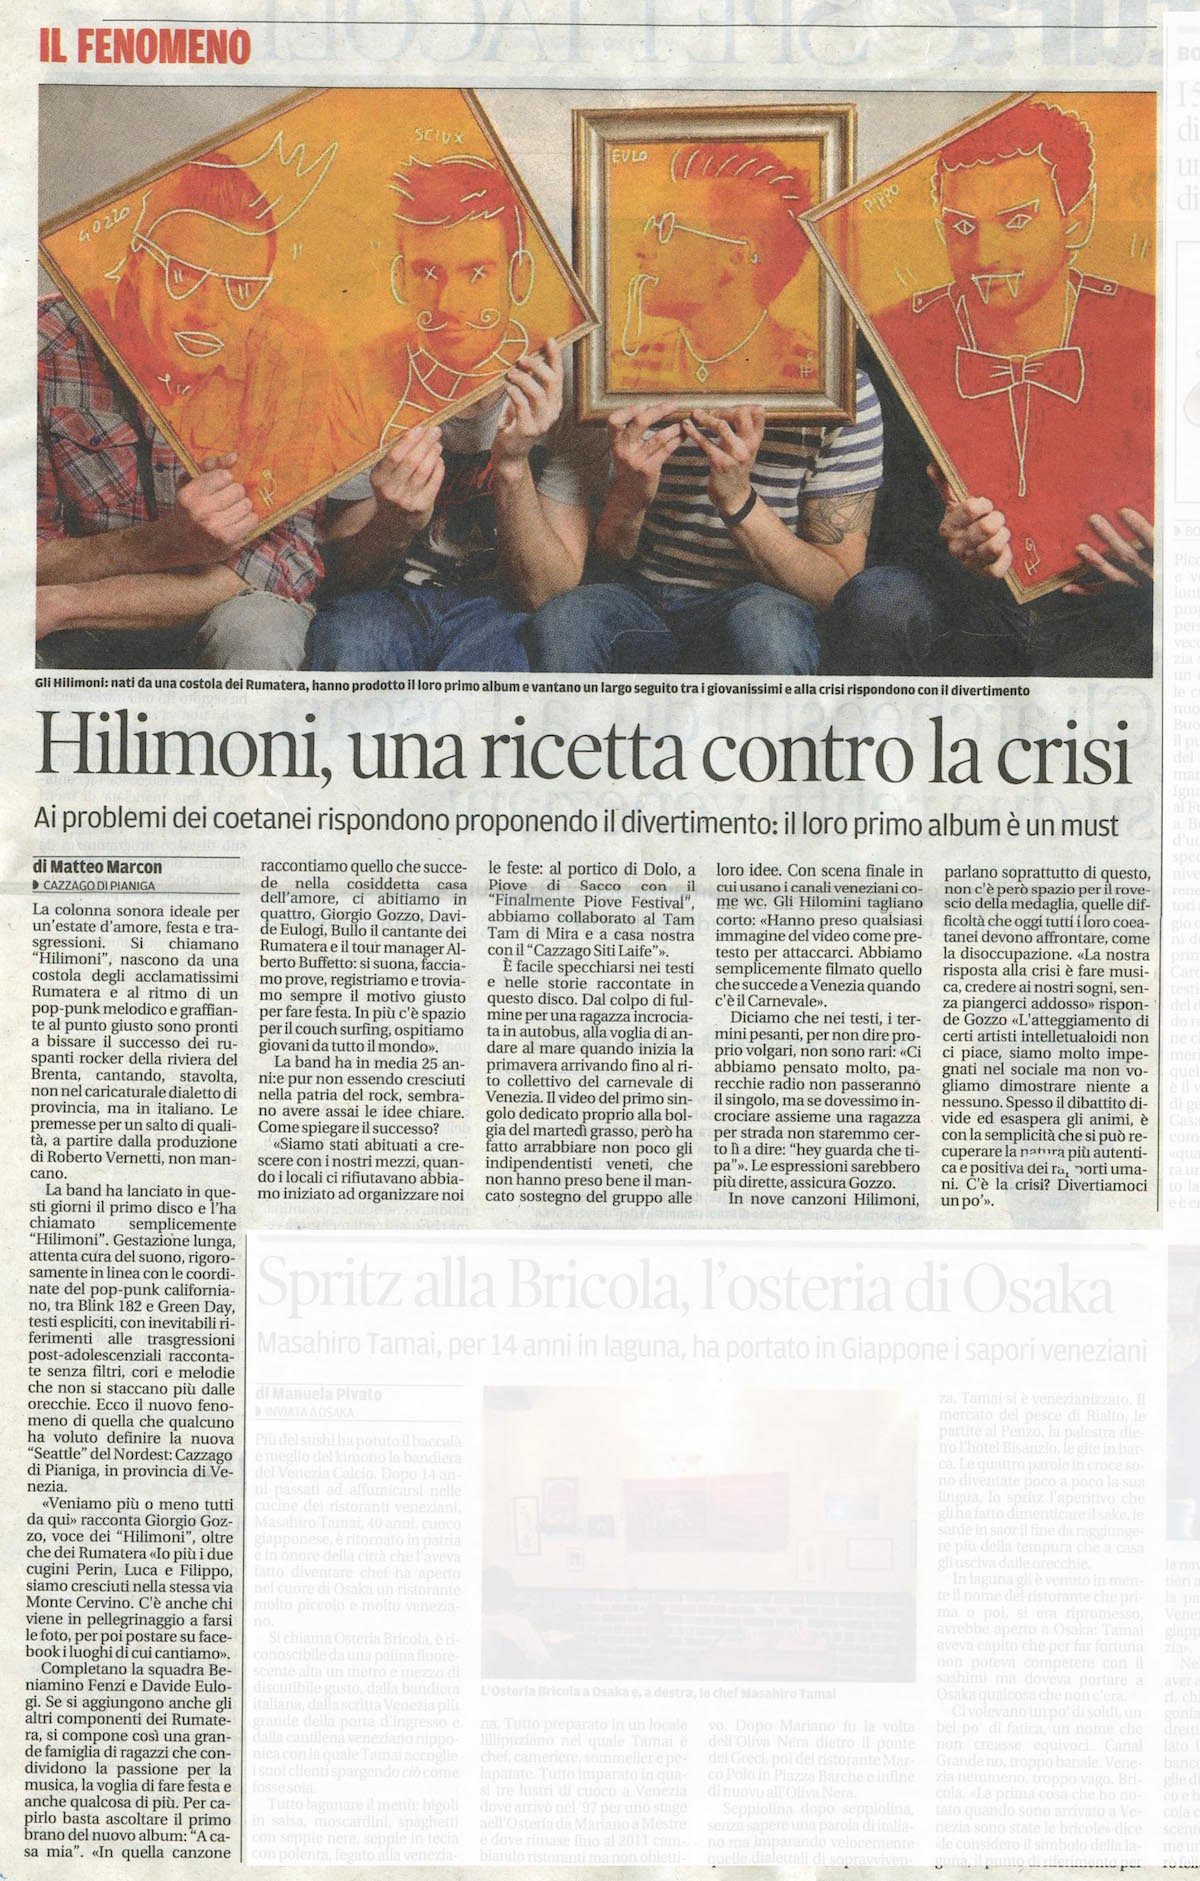 2013.04.16 la Nuova (p. 46)